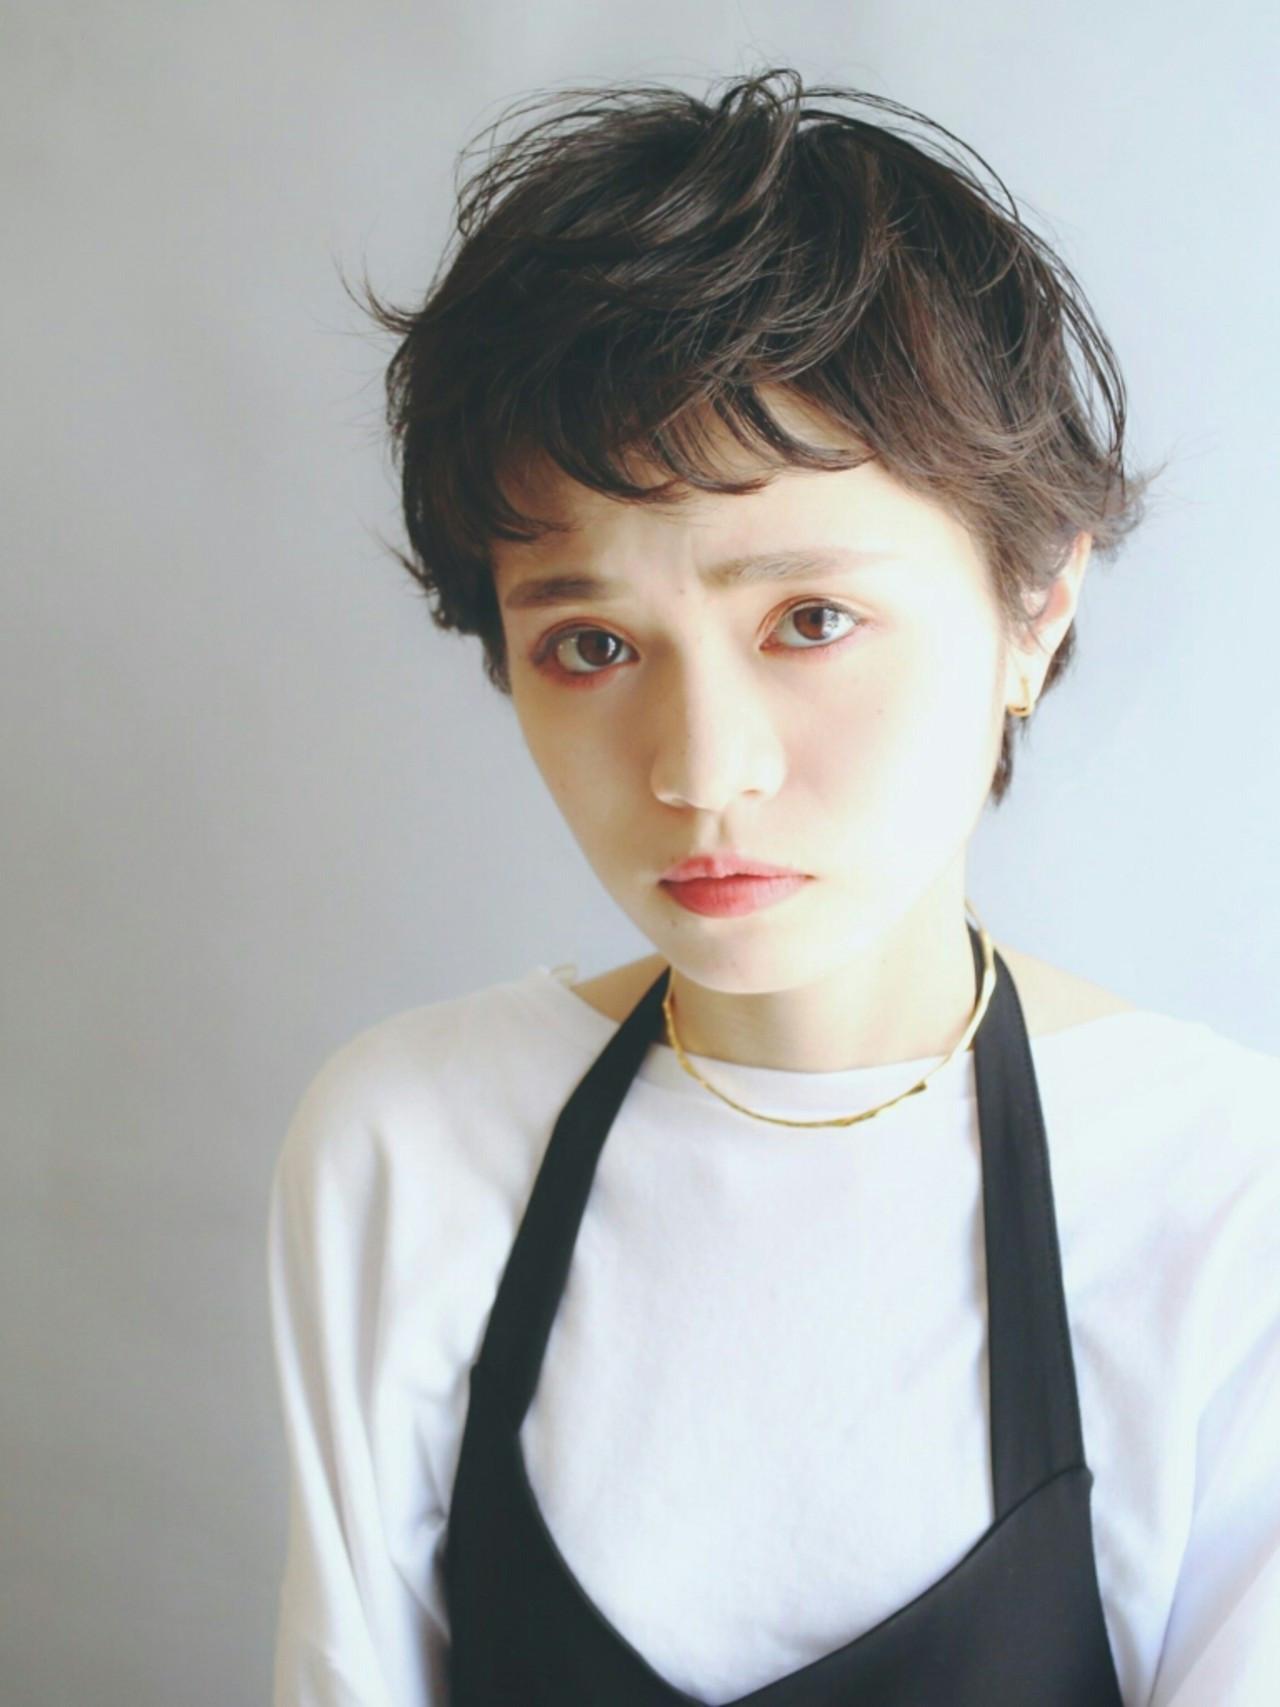 コテを使えばイメージ自由自在♪ショートの人におすすめのコテアレンジ集 Kenji Watanabe